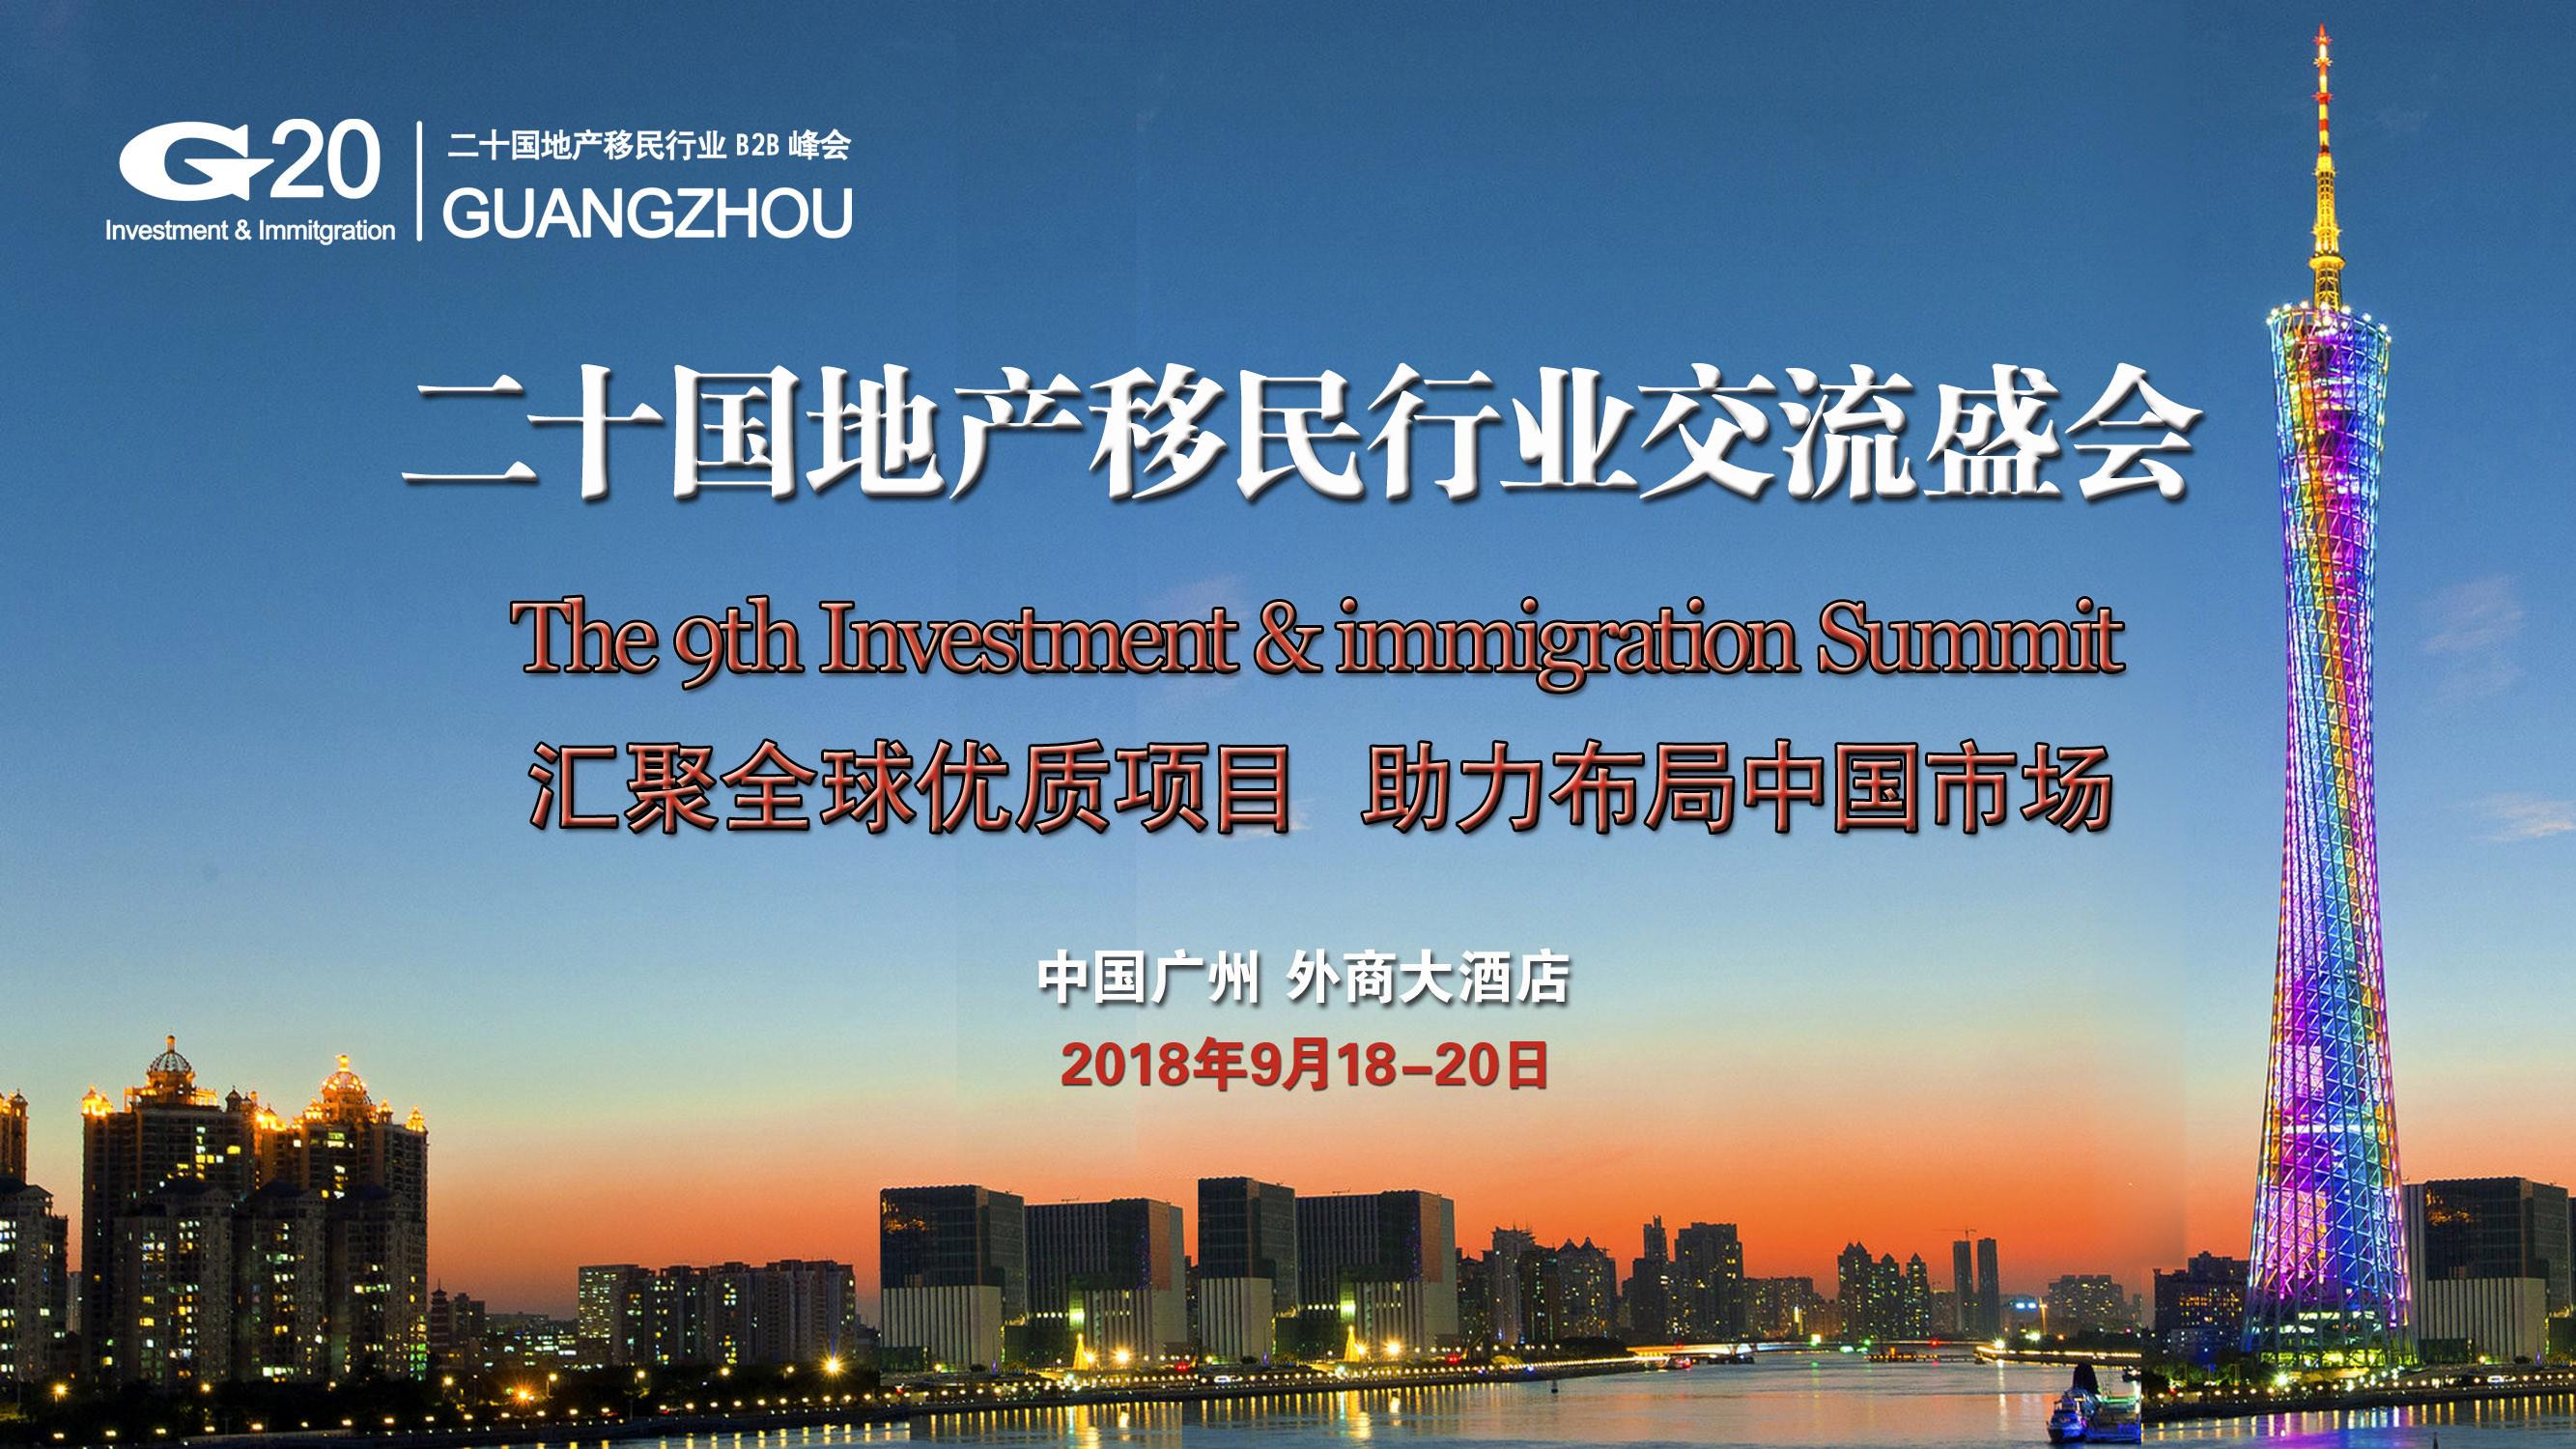 2018第9届G20移民峰会